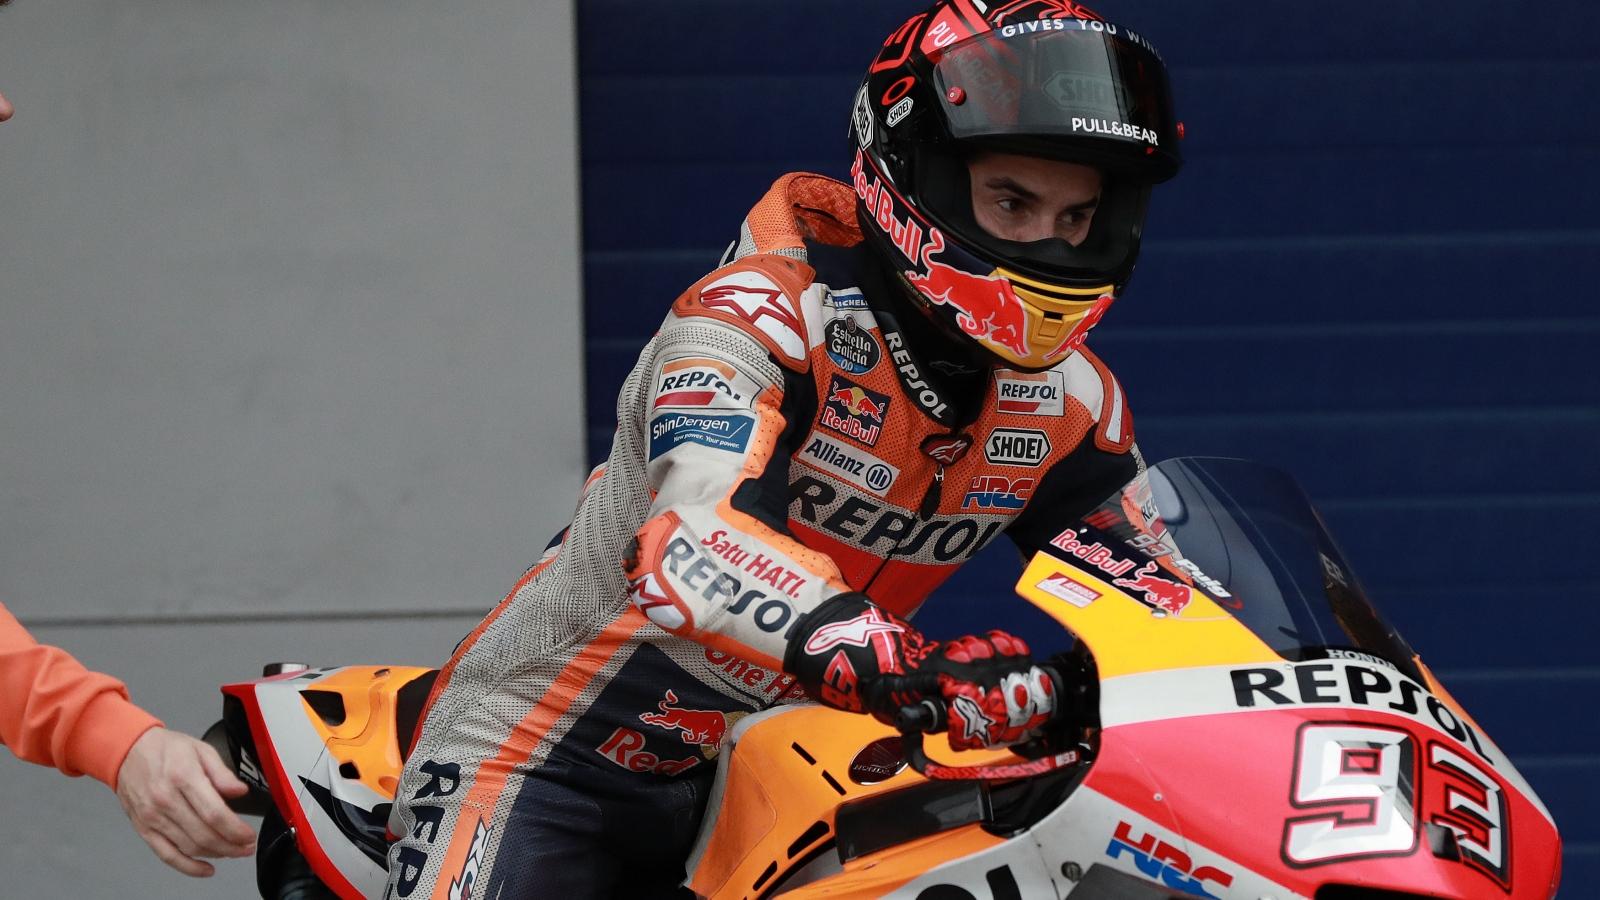 Marc Márquez y Honda, una hipoteca a cinco años para pulverizar la historia de MotoGP